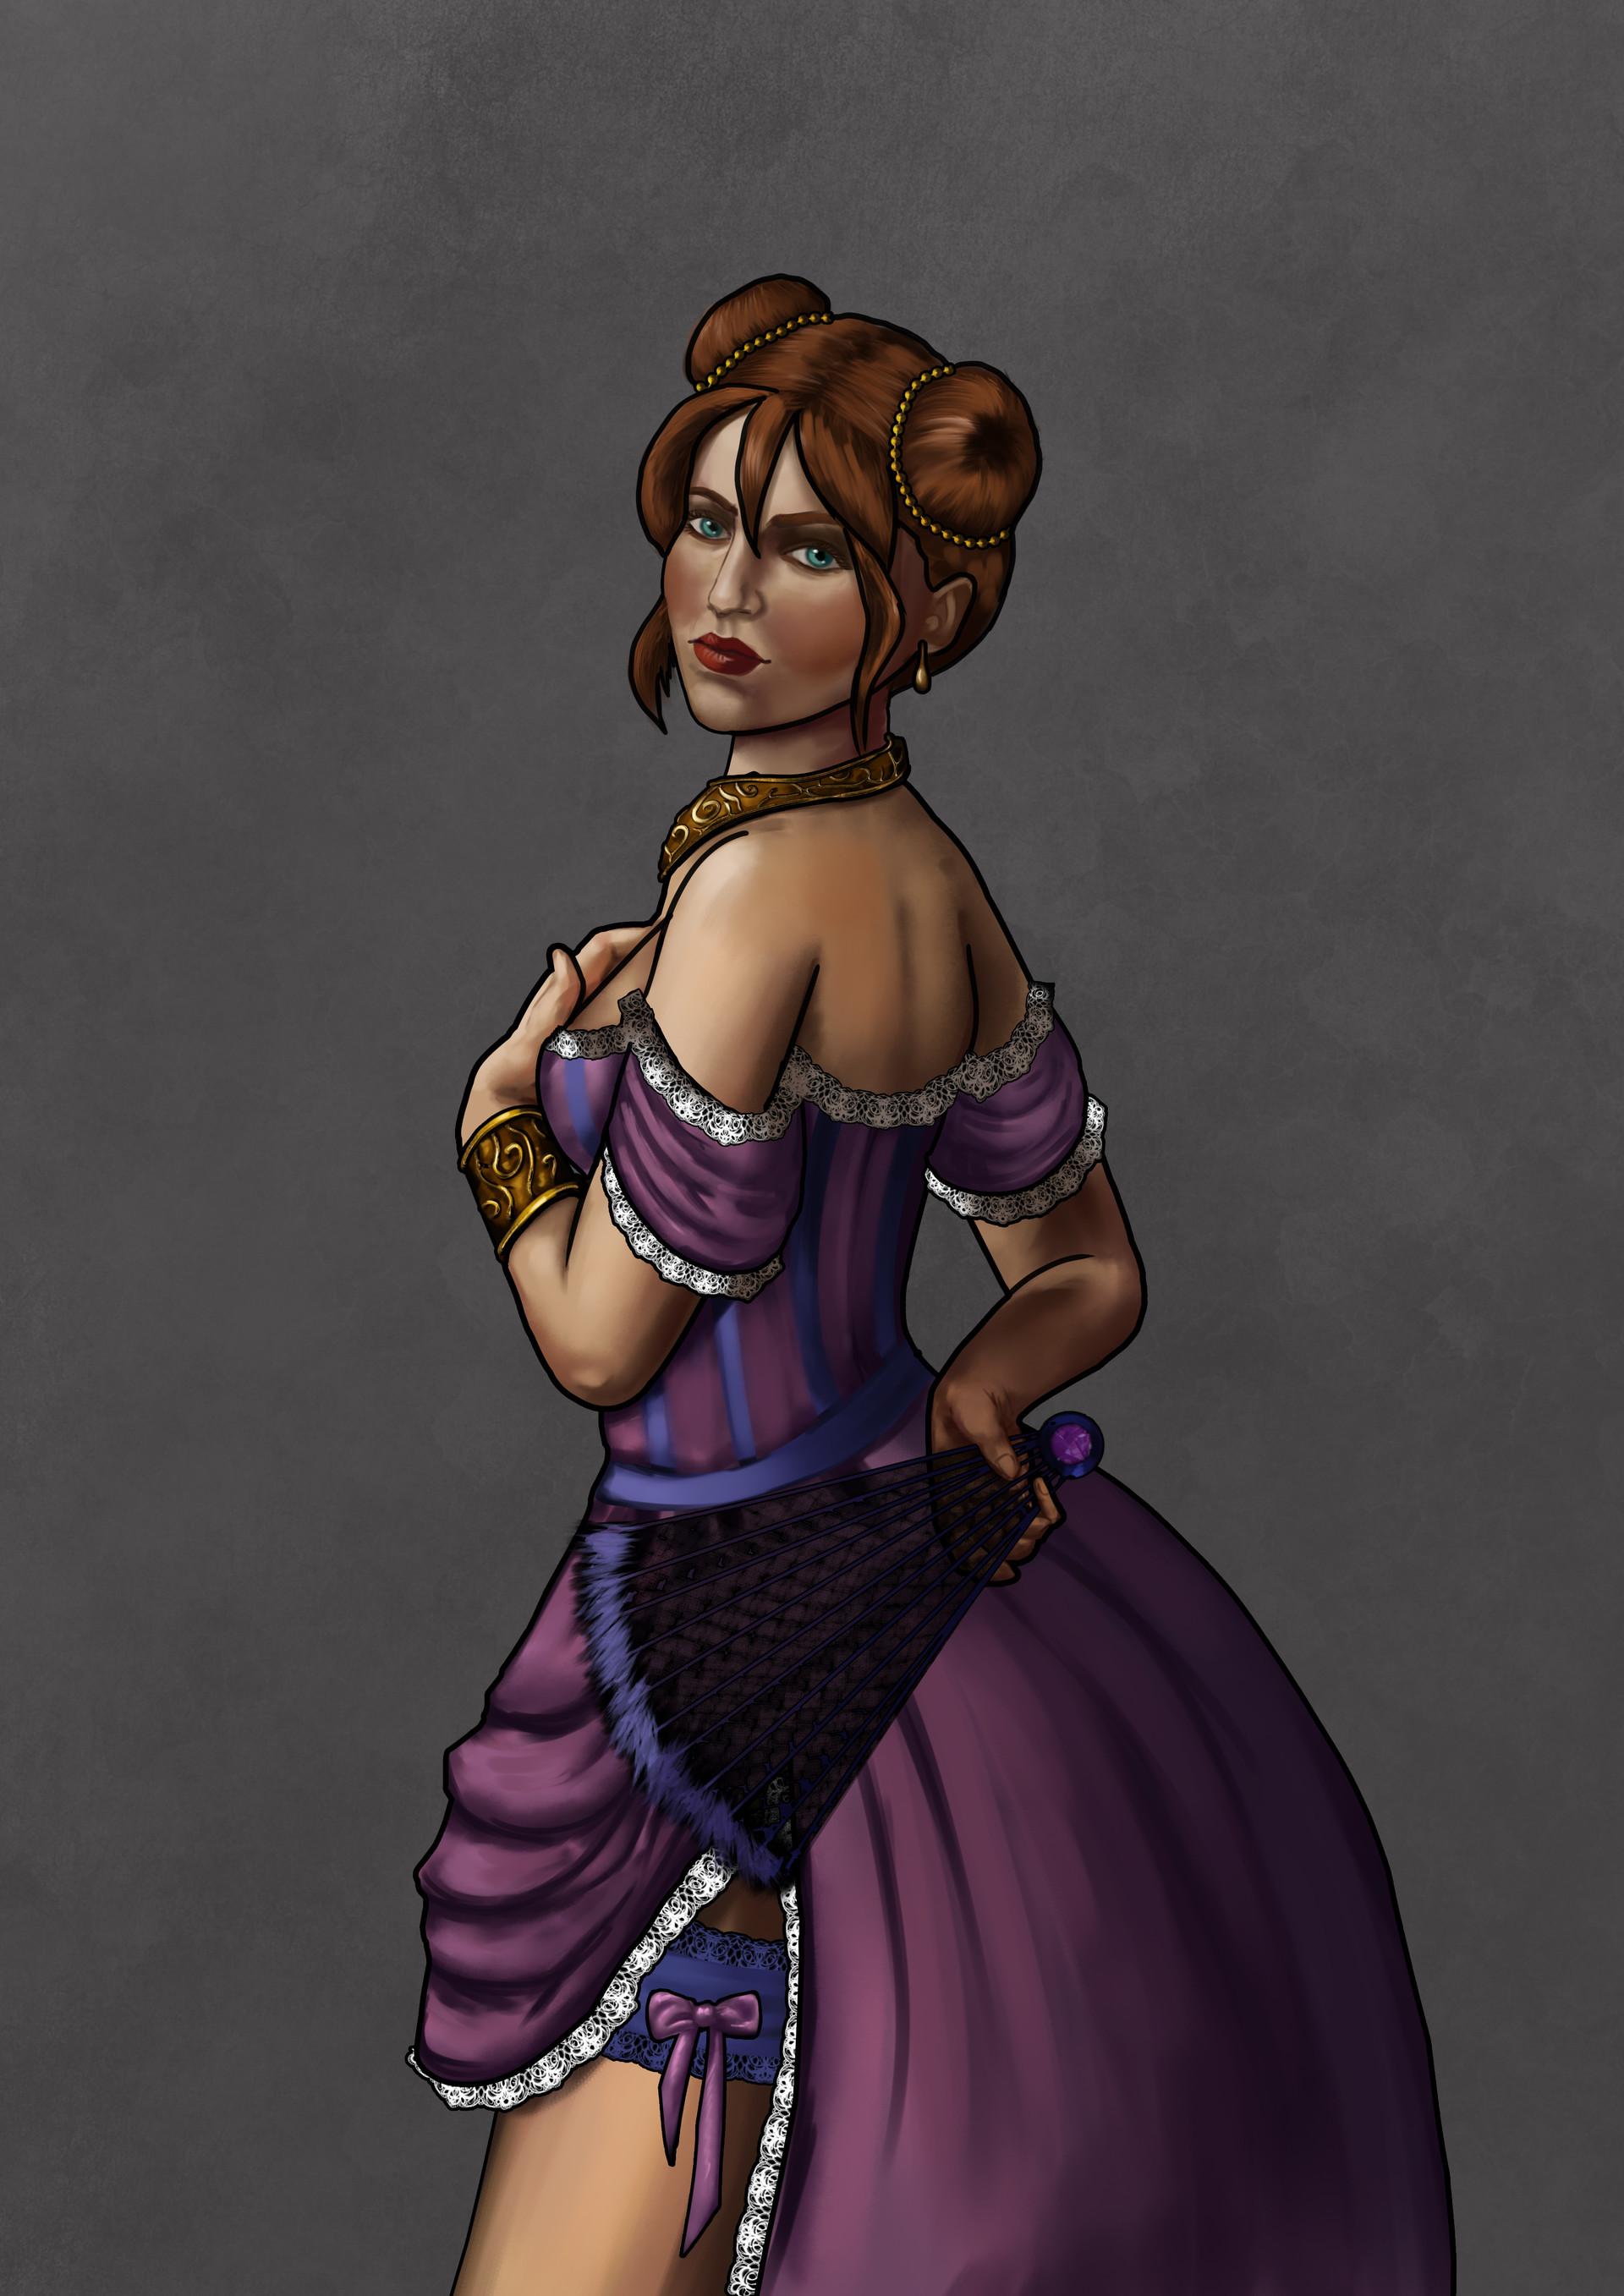 Joanna efenberger courtesan